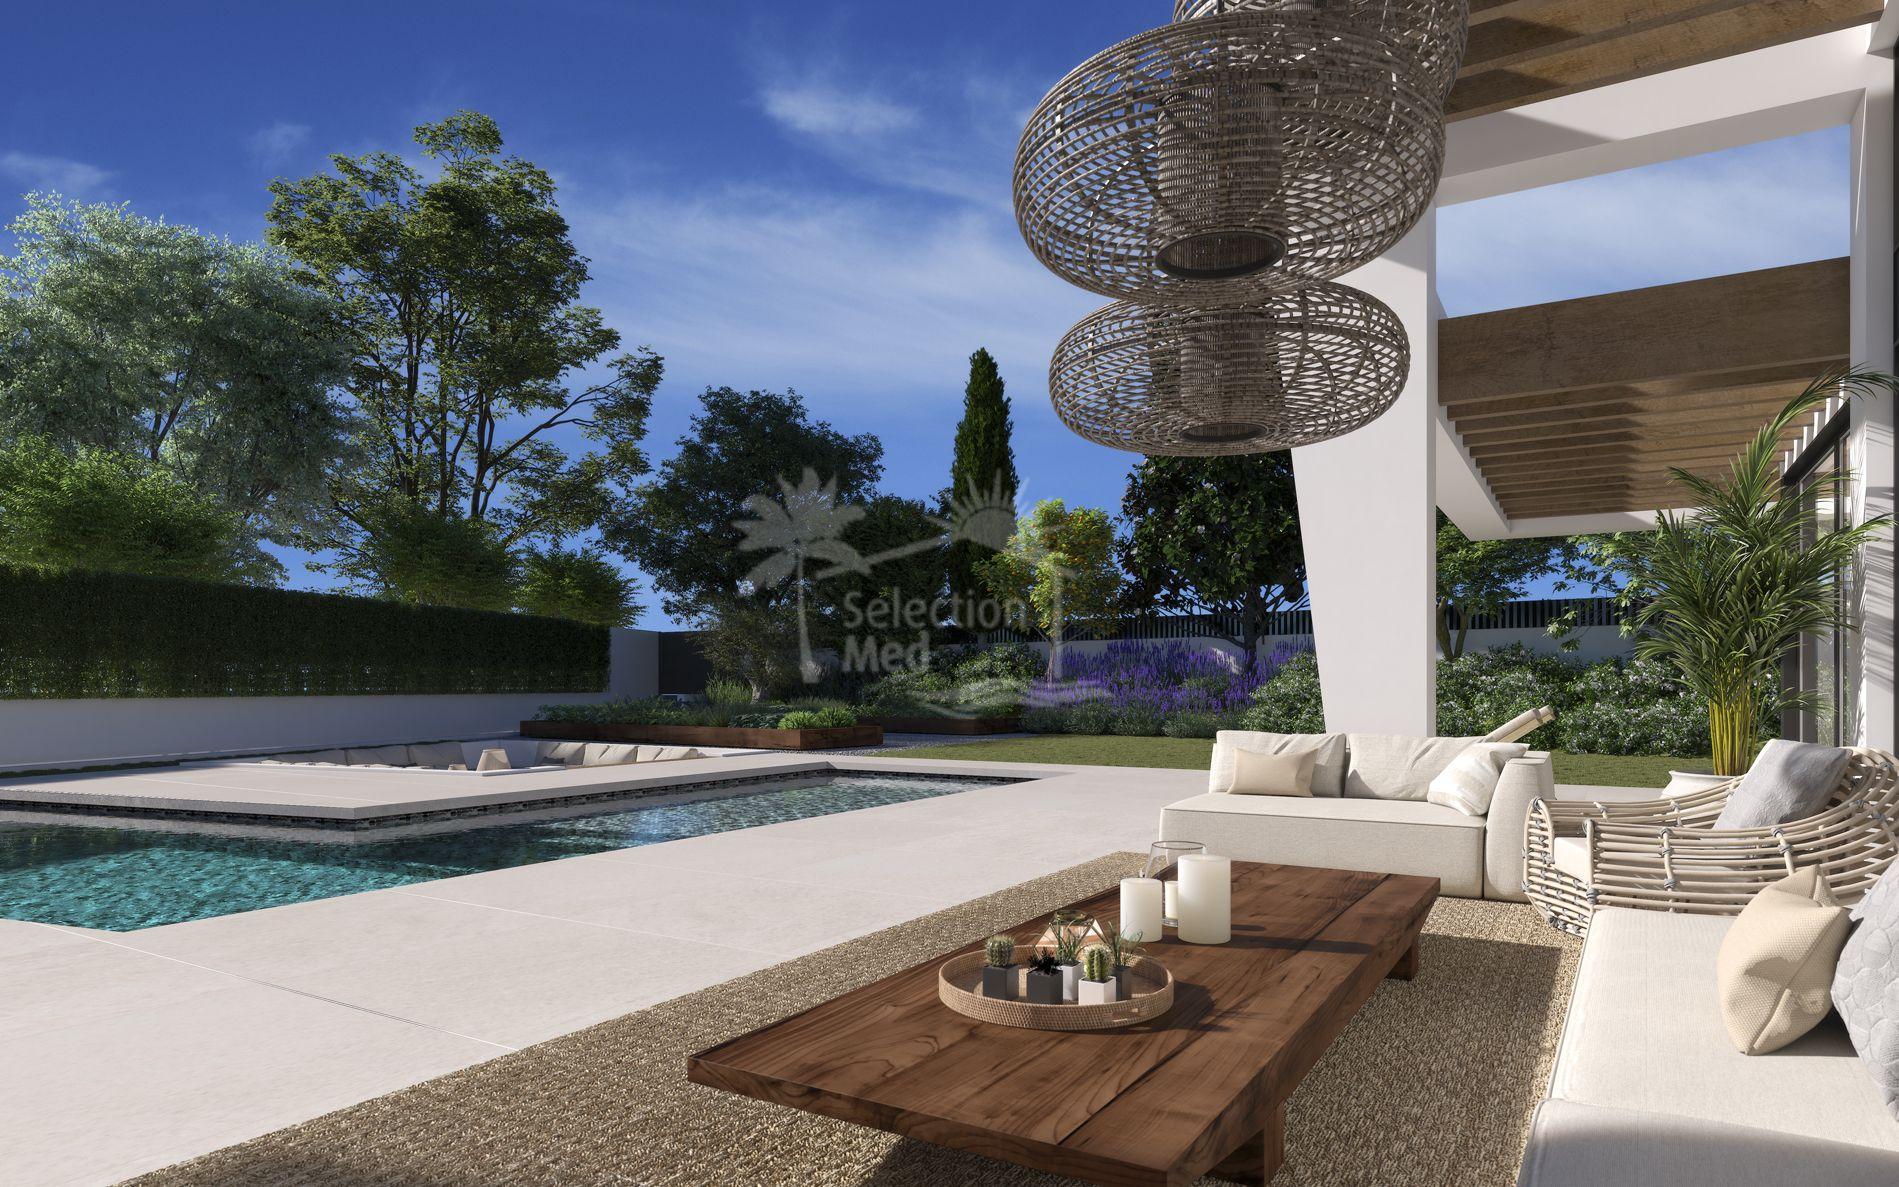 Development in Marbella